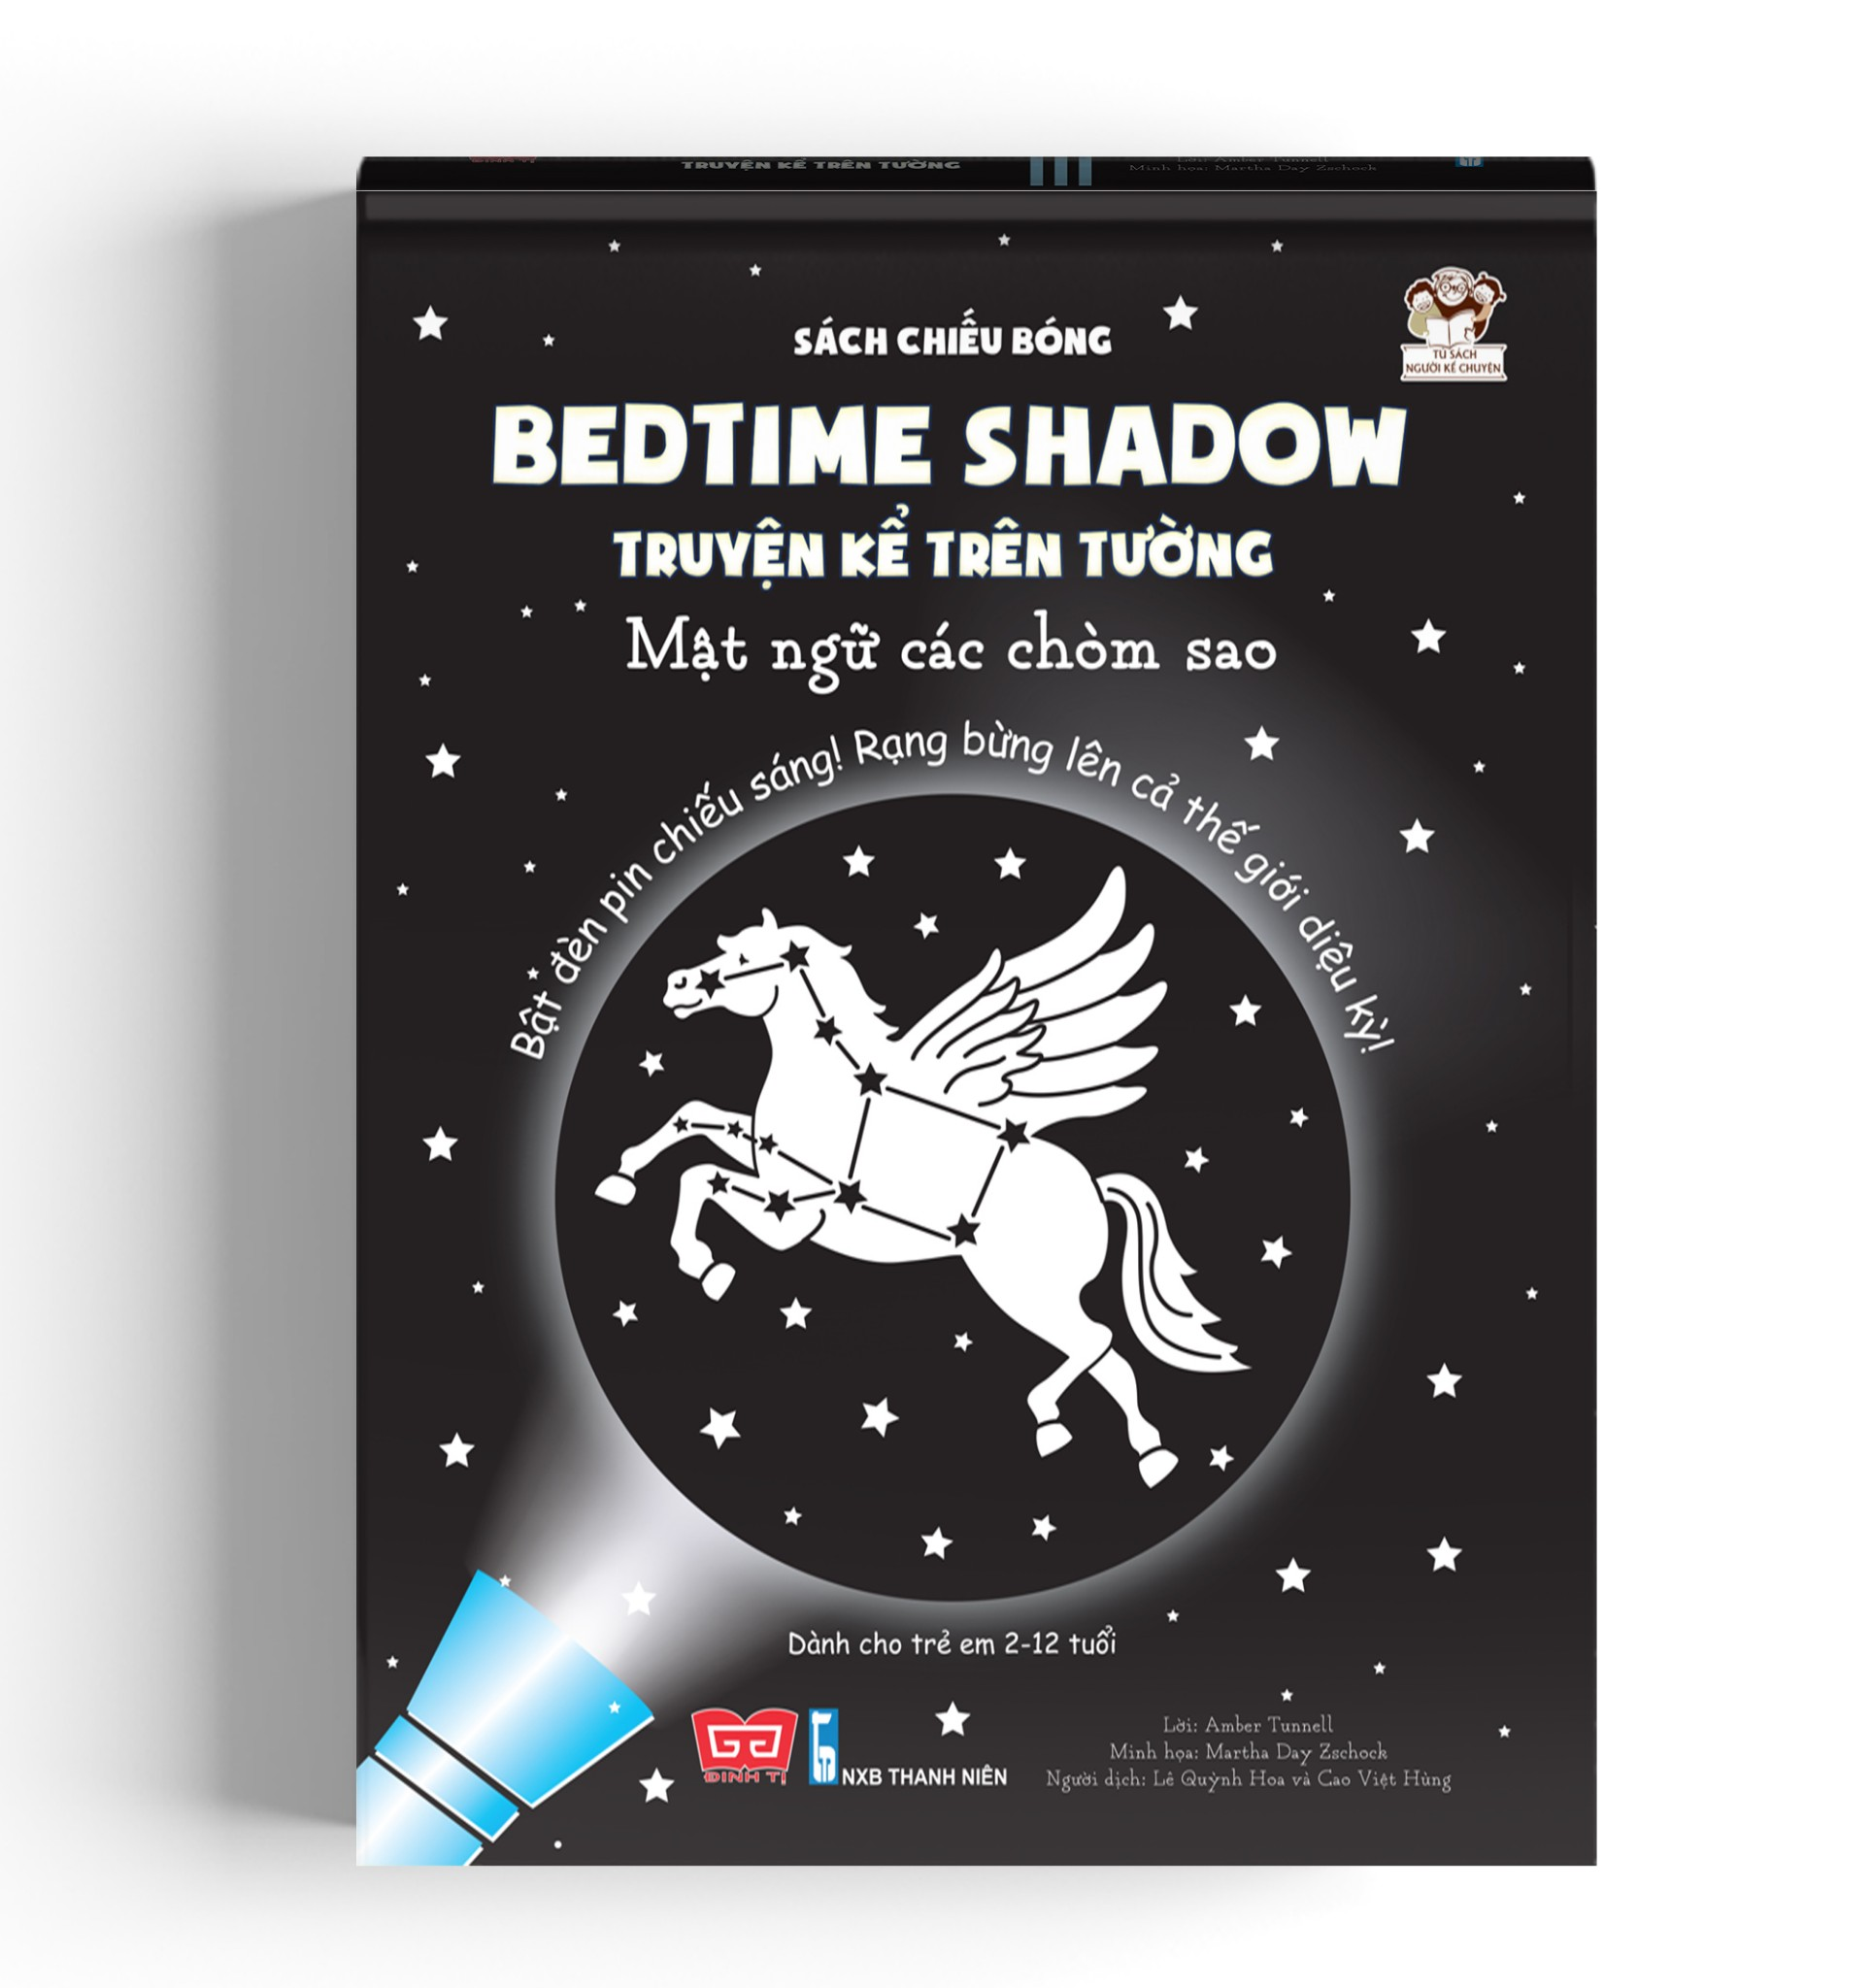 Sách tương tác - Sách chiếu bóng - Bedtime shadow – Truyện kể trên tường - Mật ngữ các chòm sao (TB)